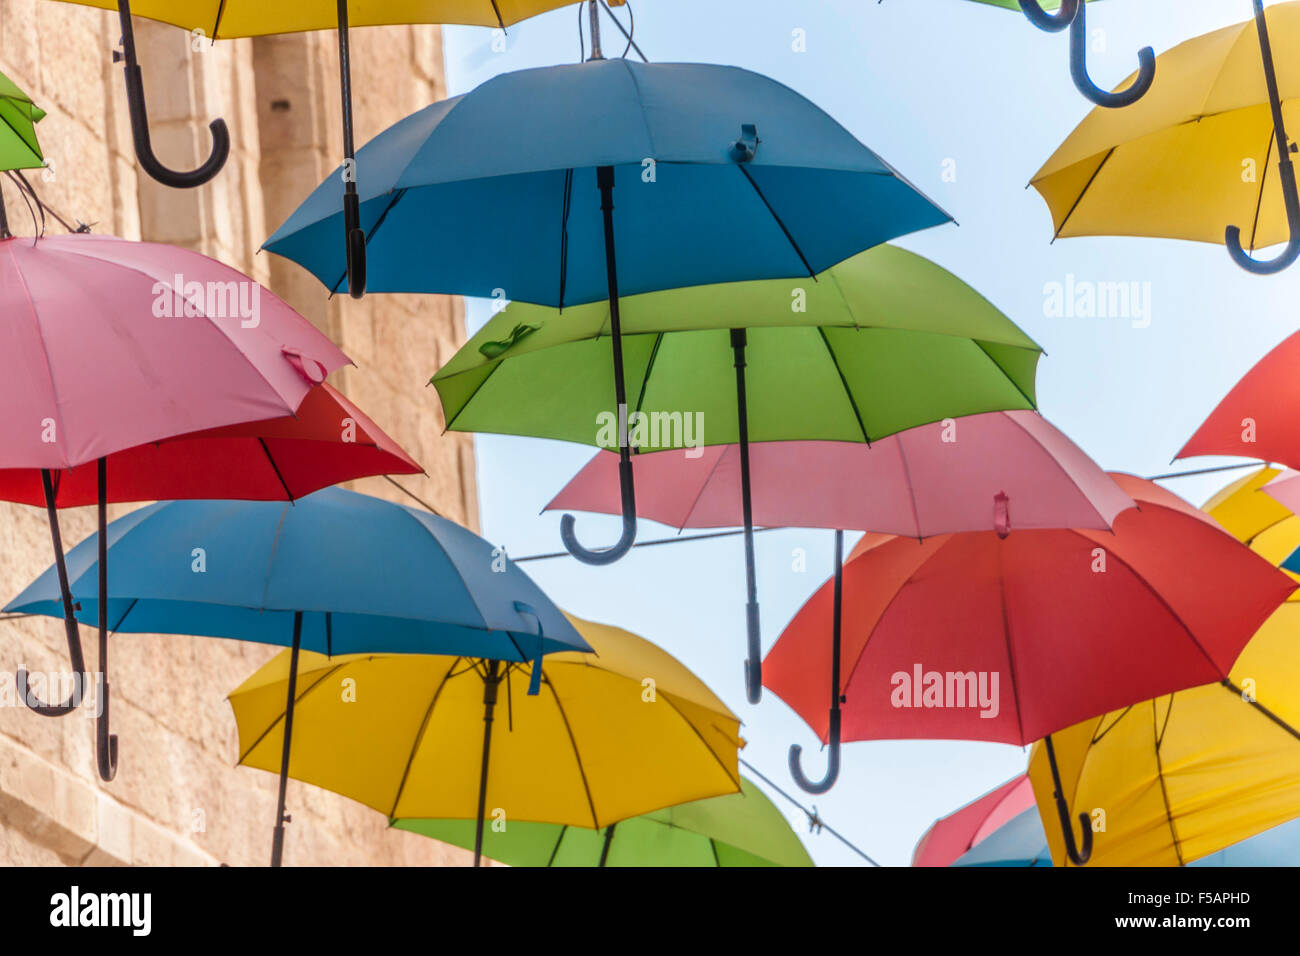 Israel. Schirme für Yoel Moshe Solomon st. in der Innenstadt von ...